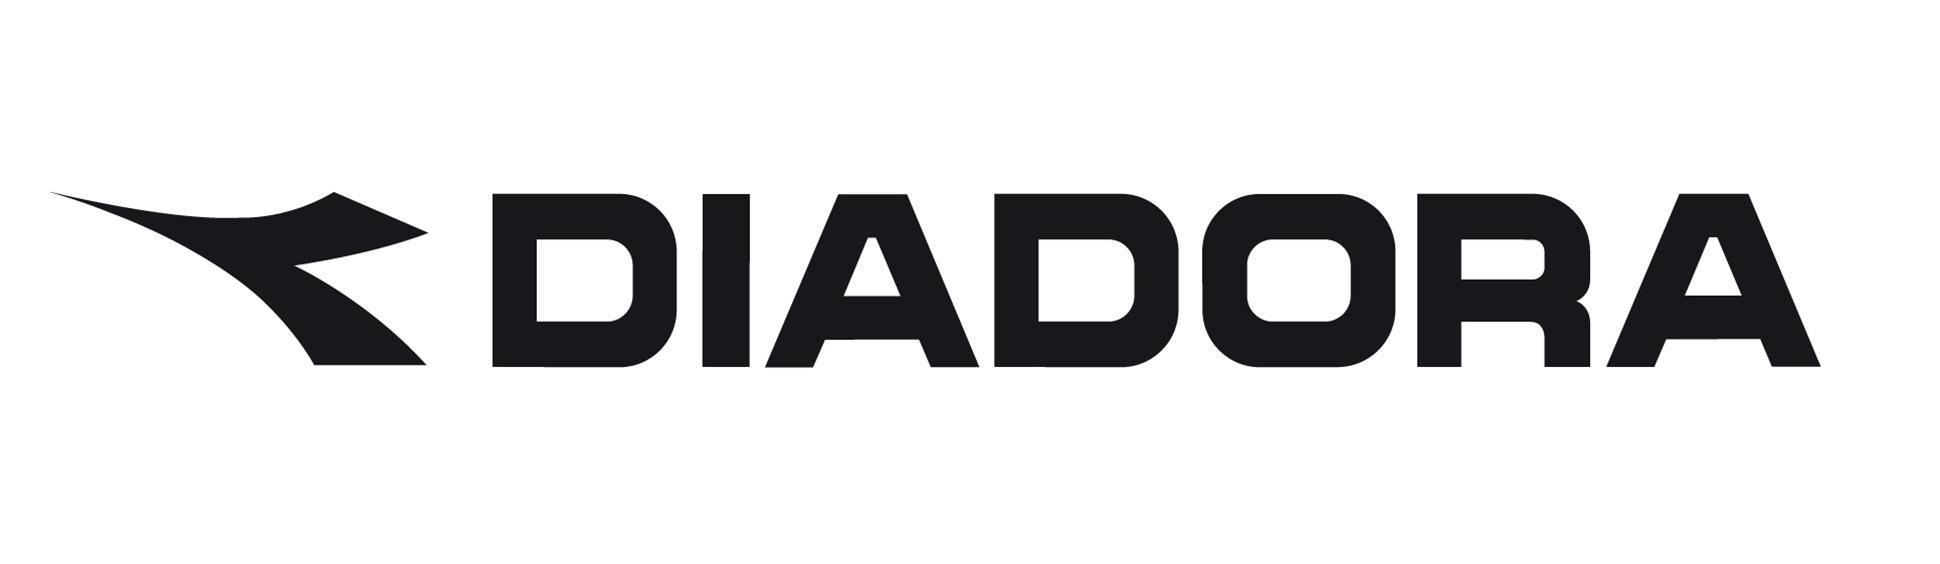 Migliori tapis roulant Diadora Fitness  recensioni e opinioni 7675c3bf16a